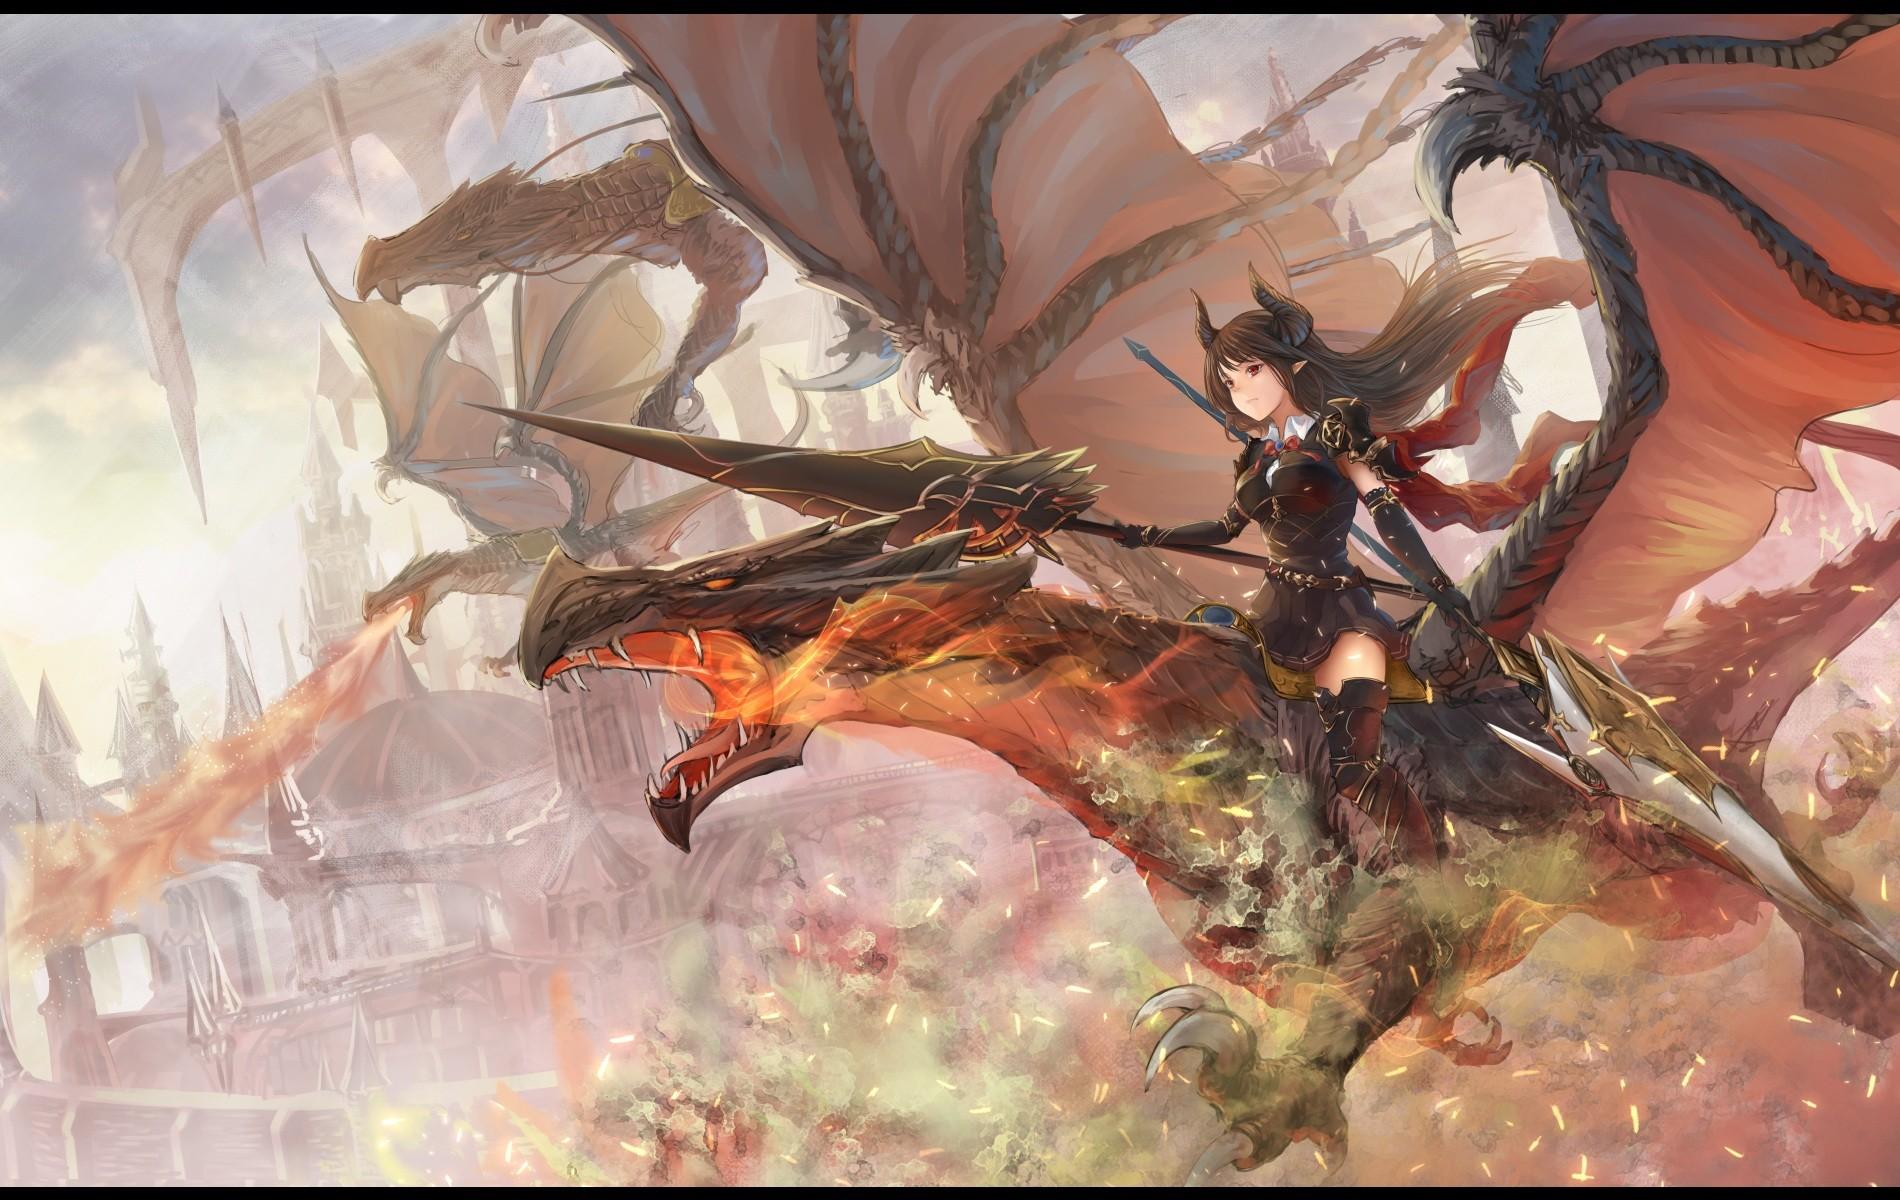 デスクトップ壁紙 長い髪 アニメの女の子 武器 角 火災 鎧